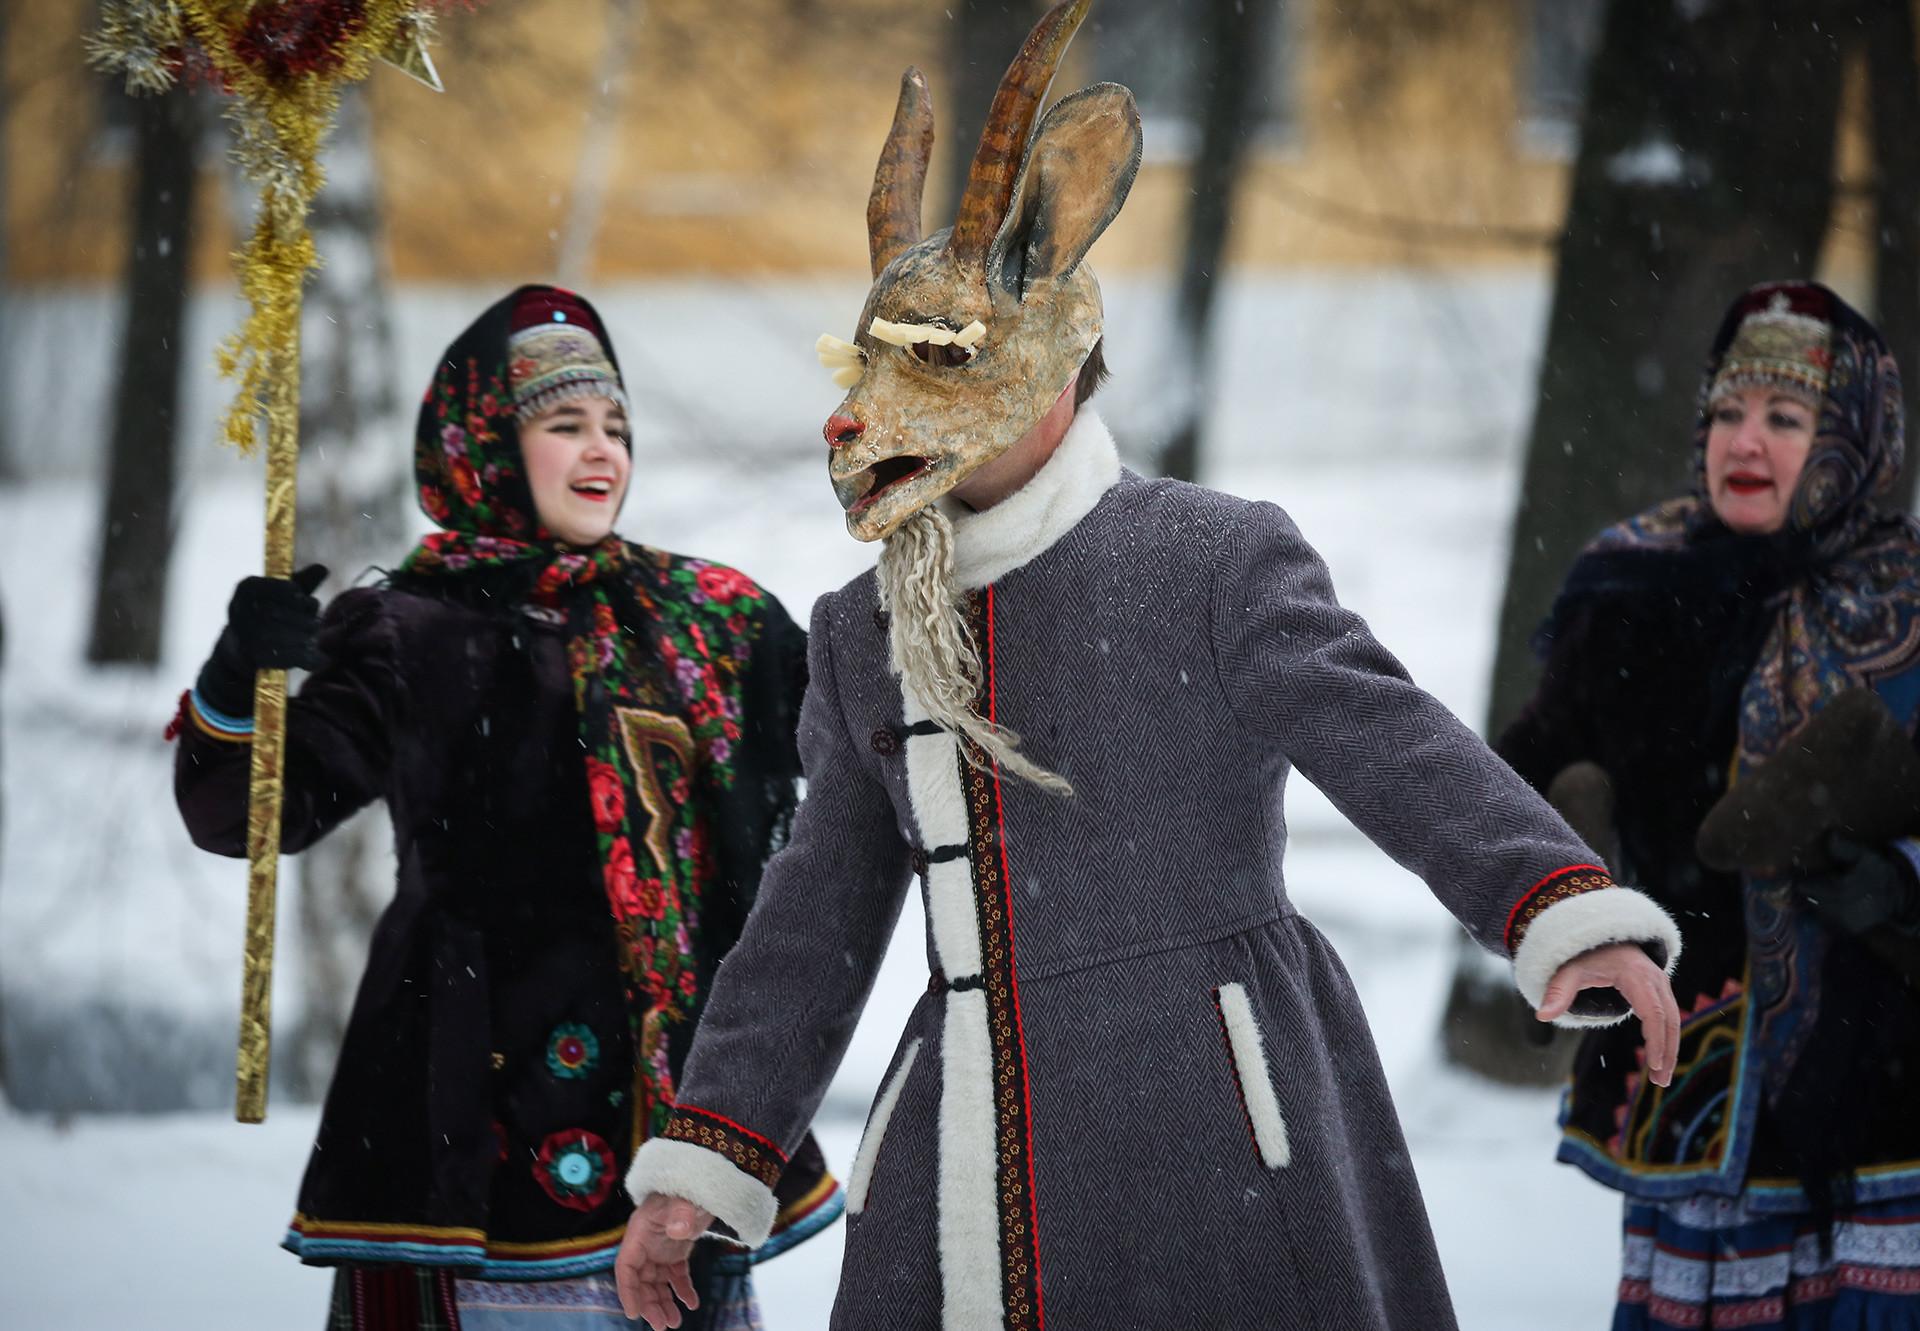 Actores del Teatro Uzorochie cantando villancicos.